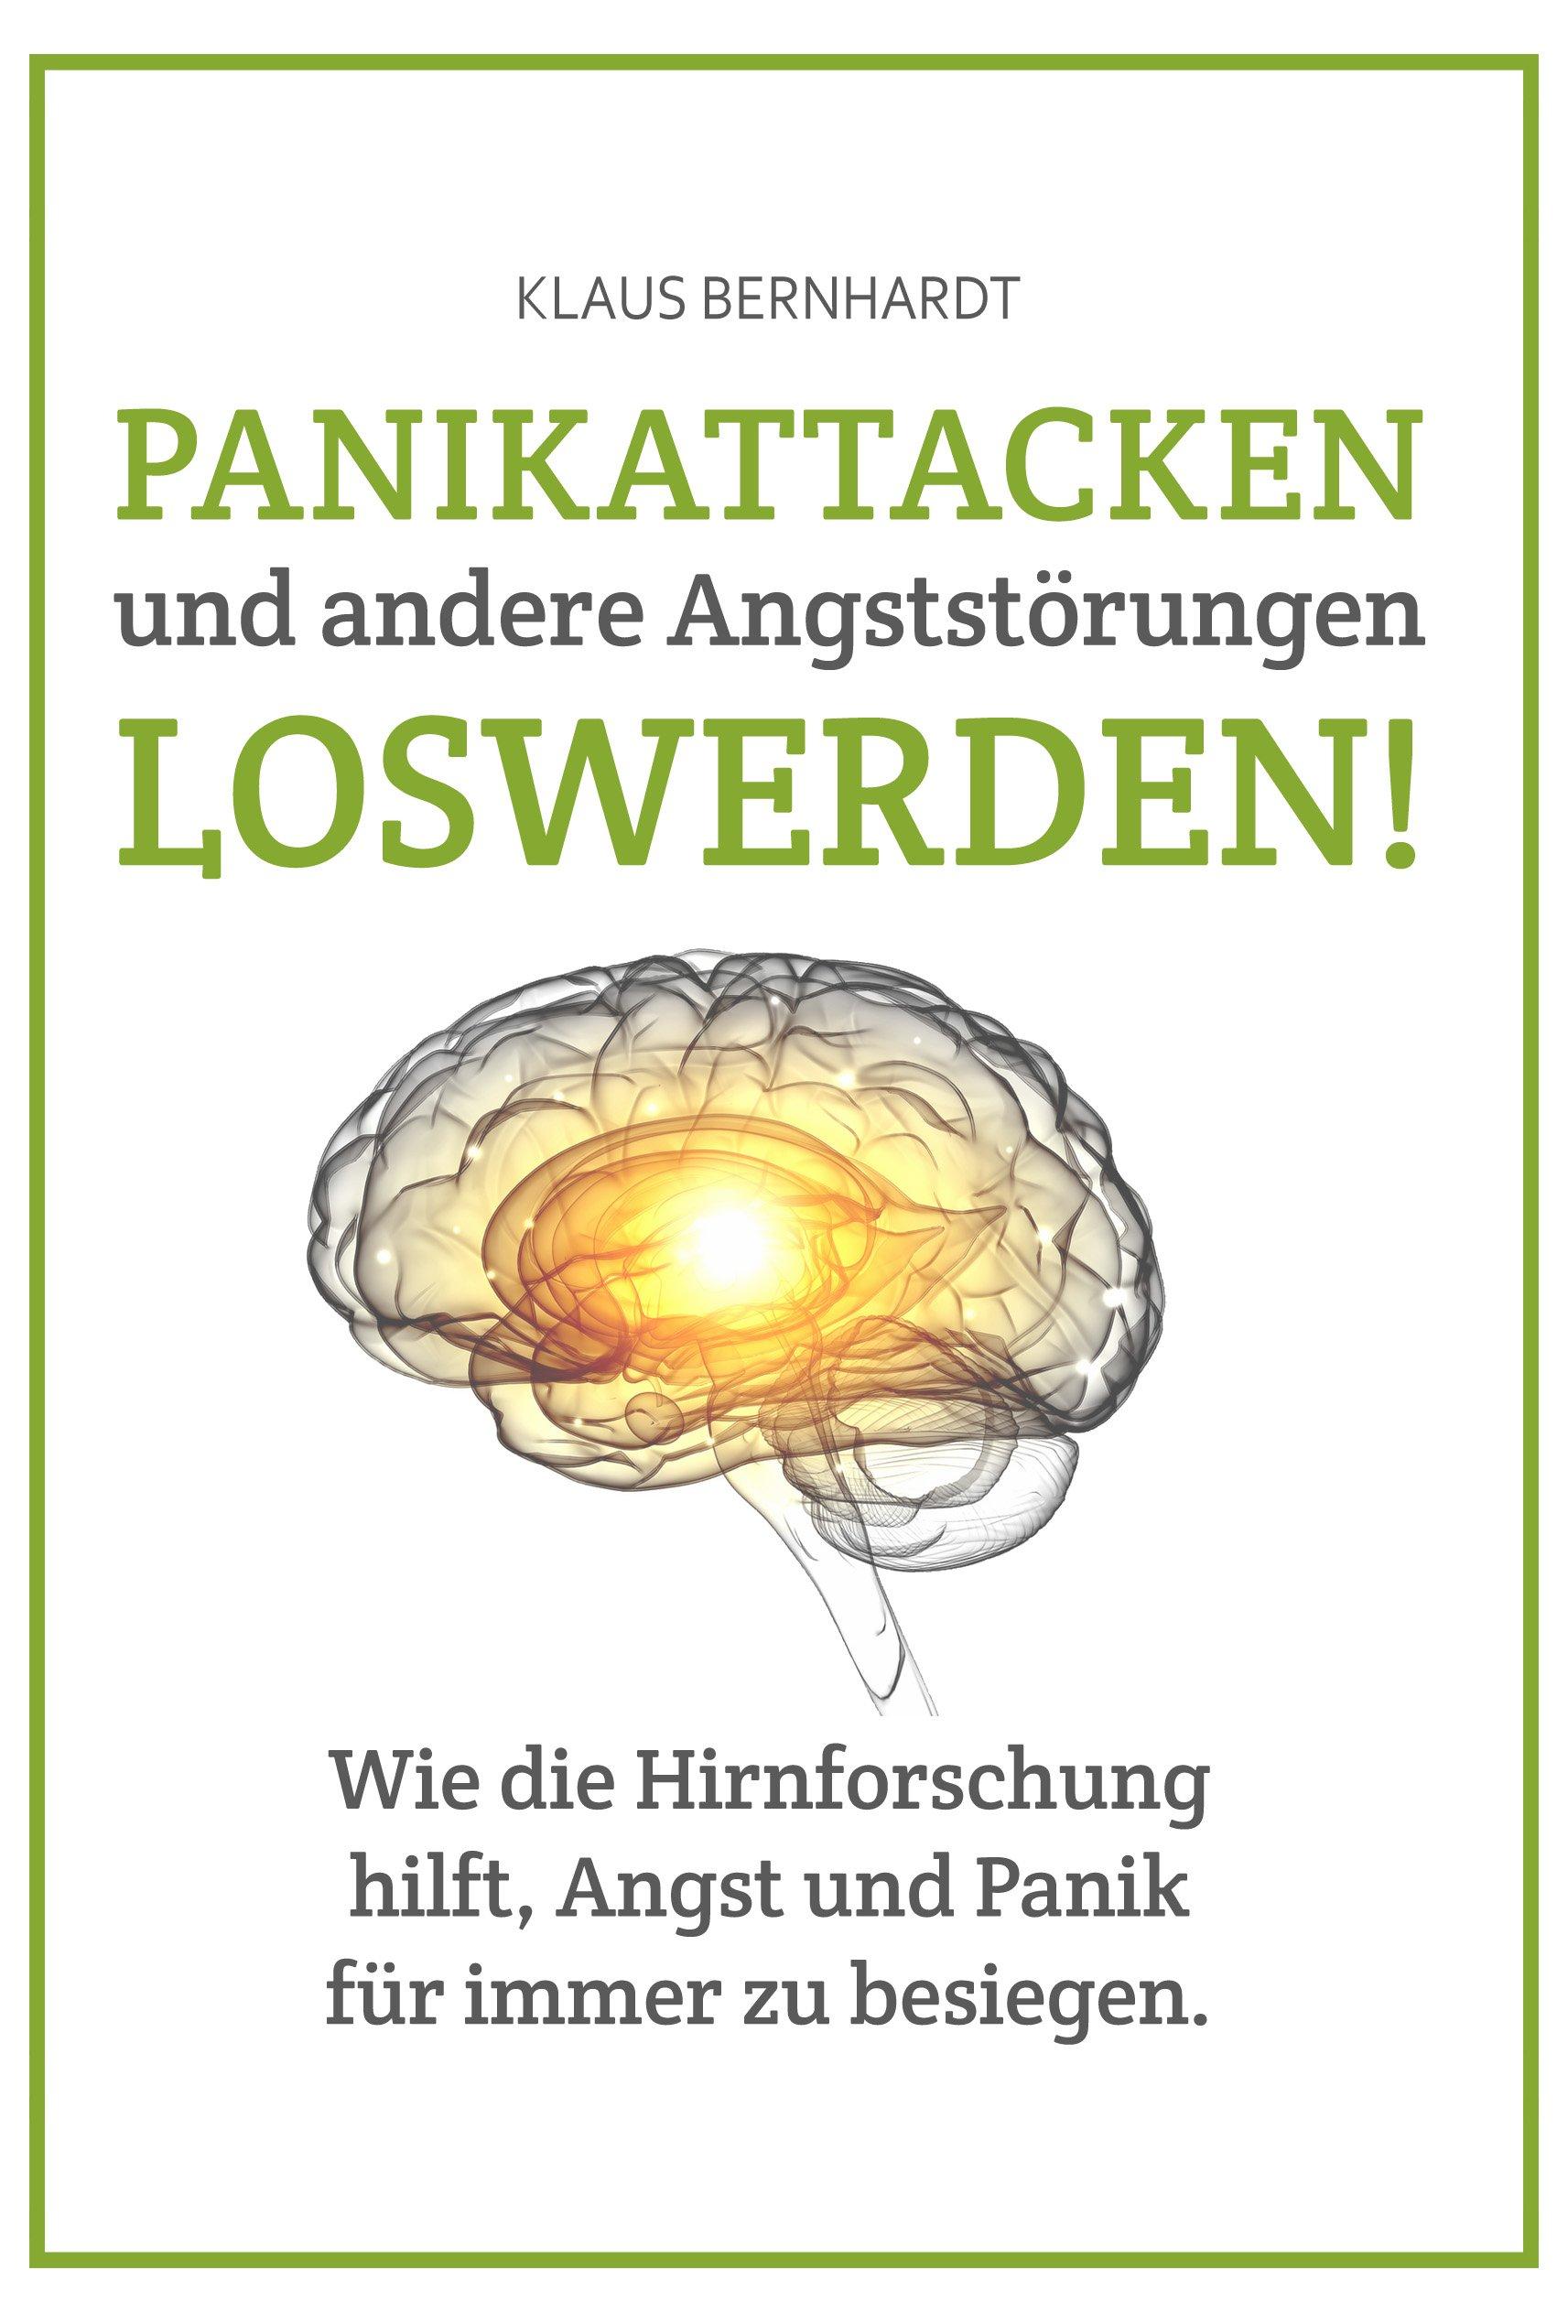 Bücher zur Angstbewältigung: Die Top 7 Empfehlungen!